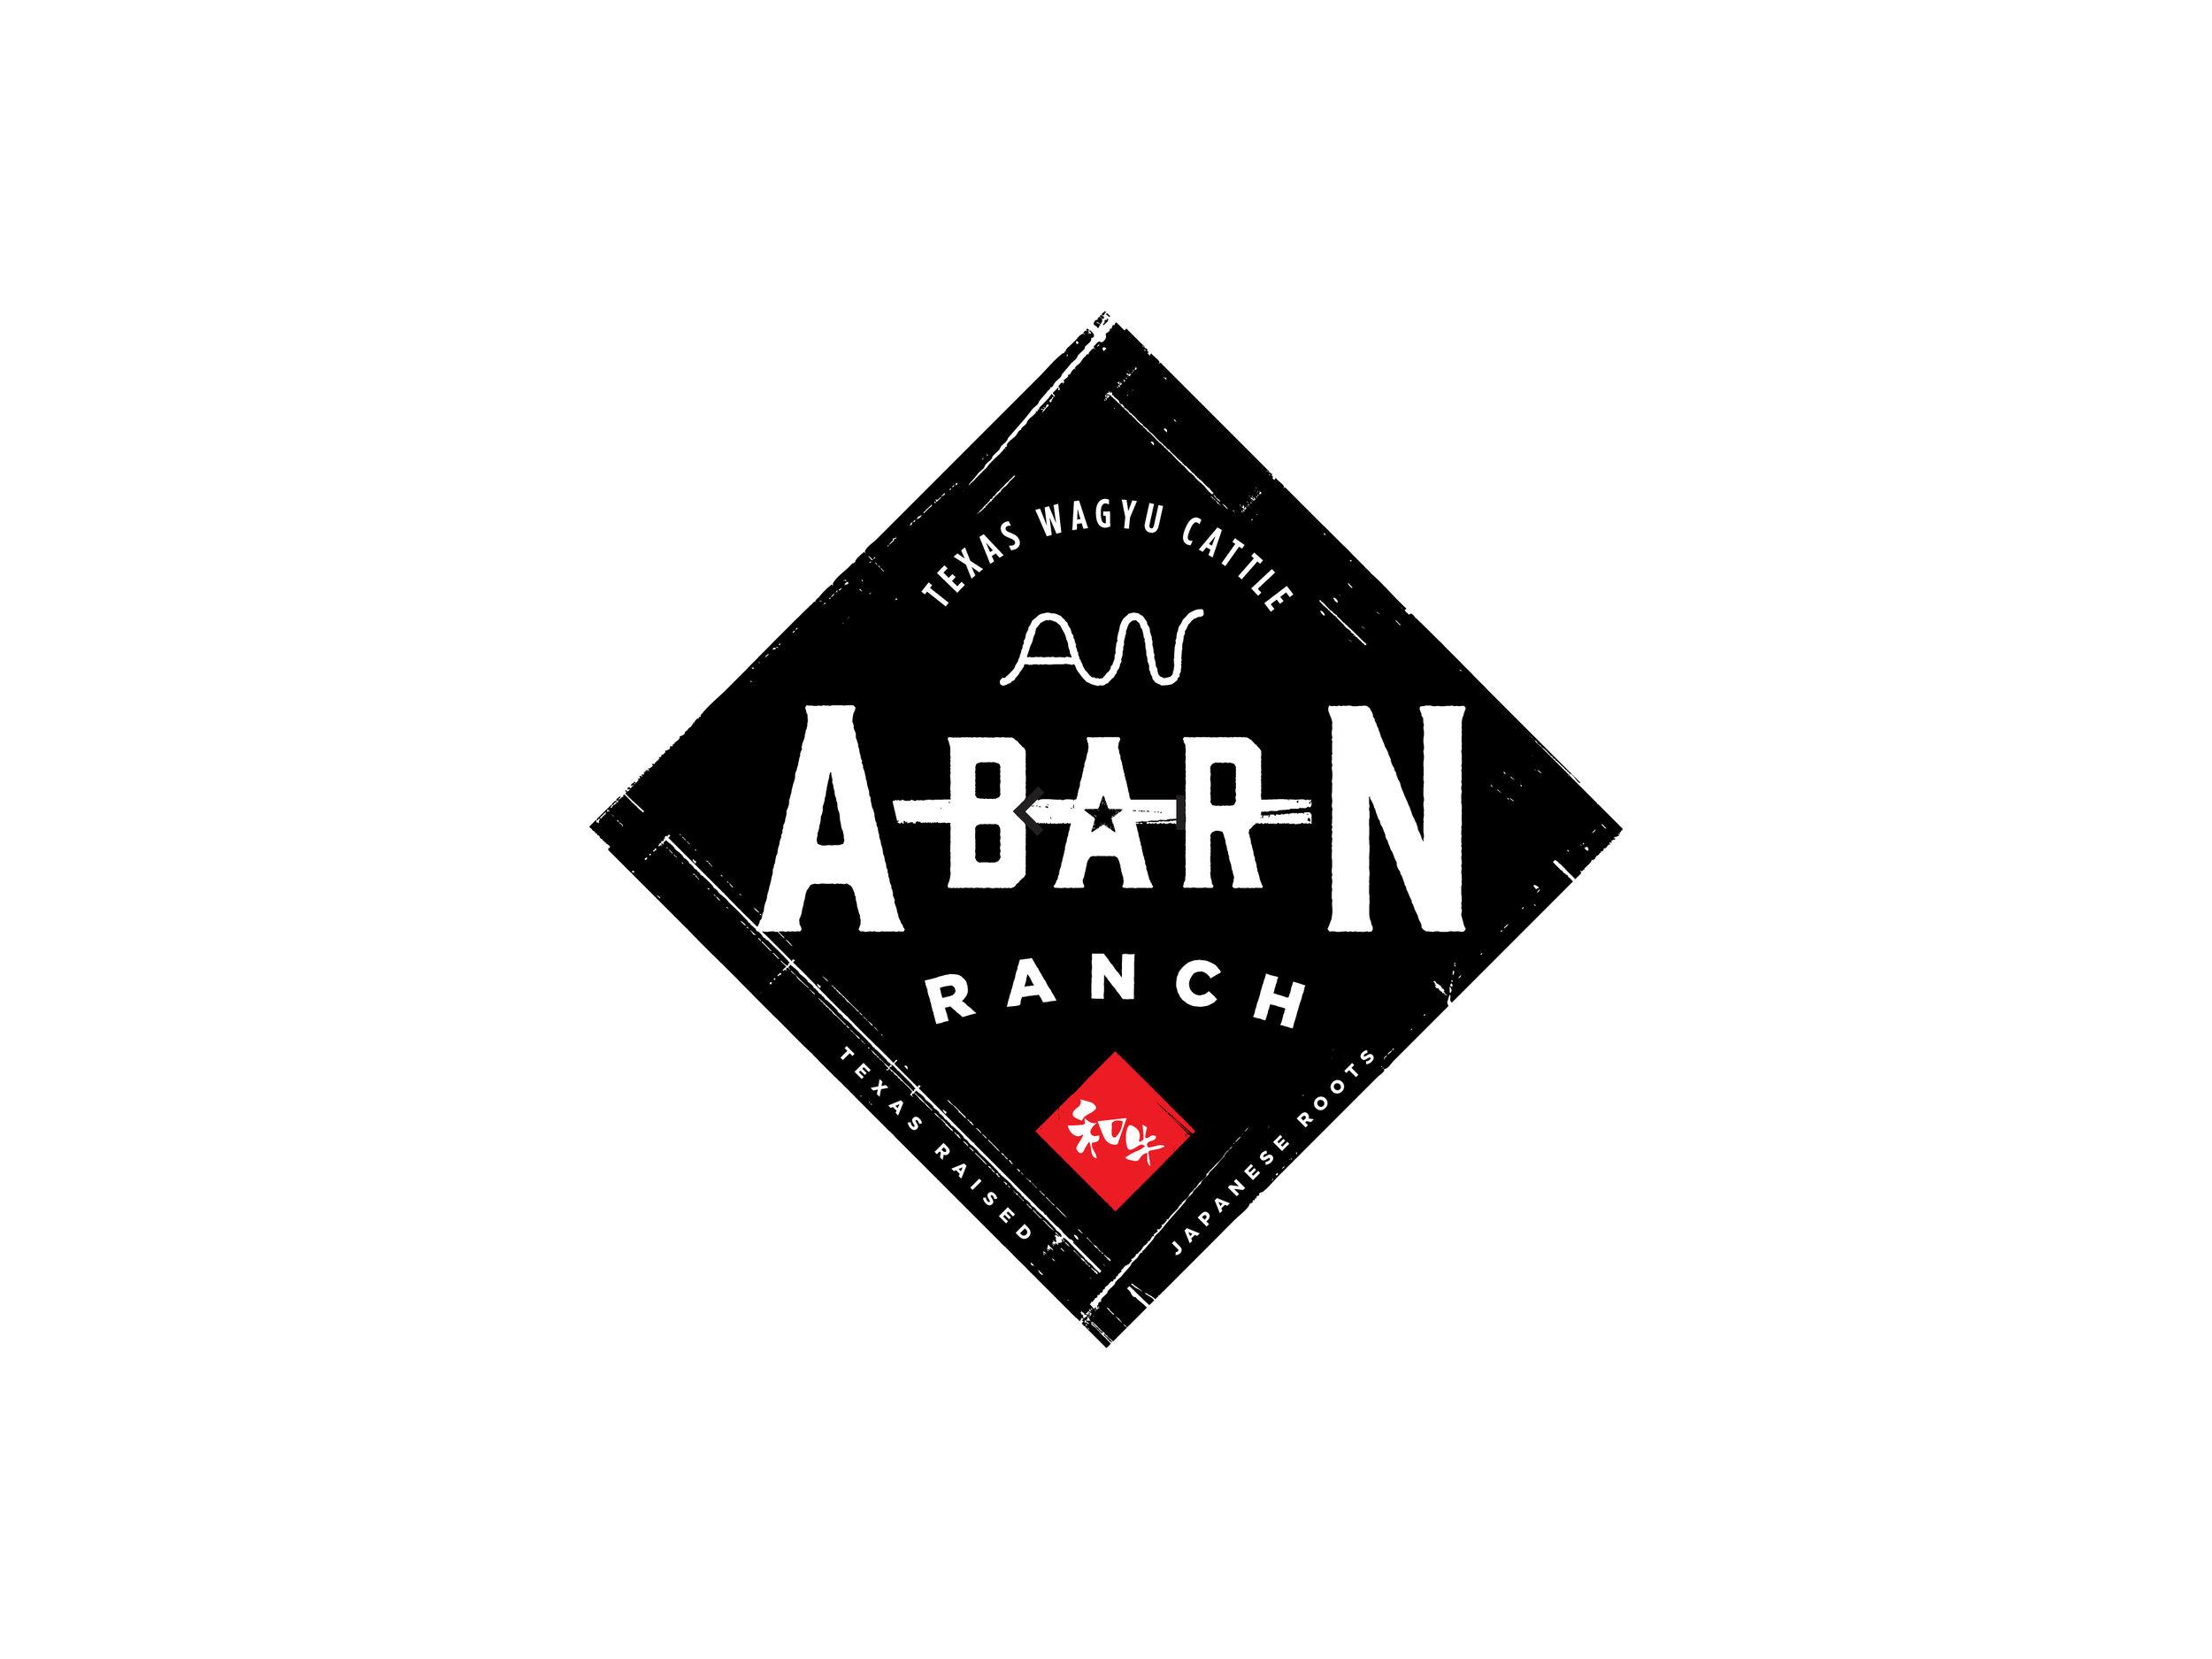 AmyNortman-A-Bar-N-Ranch-01